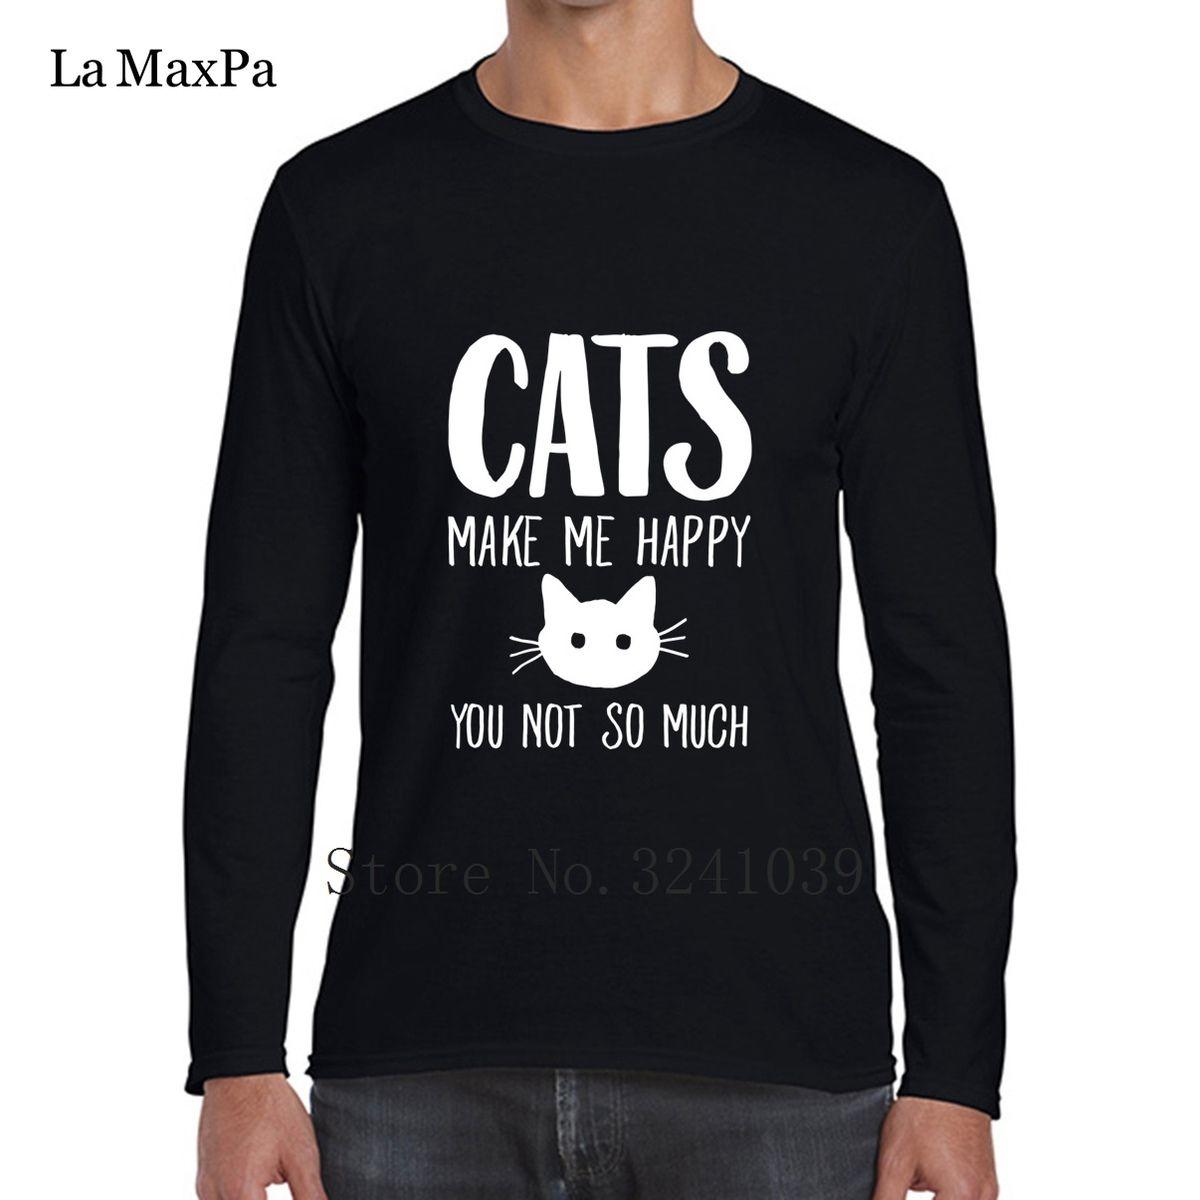 La Maxpa Gatos Novos Estilo Me Fazem Feliz Você Não Tanto Homens T-shirt Camiseta Primavera T-Shirt Dos Homens Roupas Gola Redonda Tshirt Grande